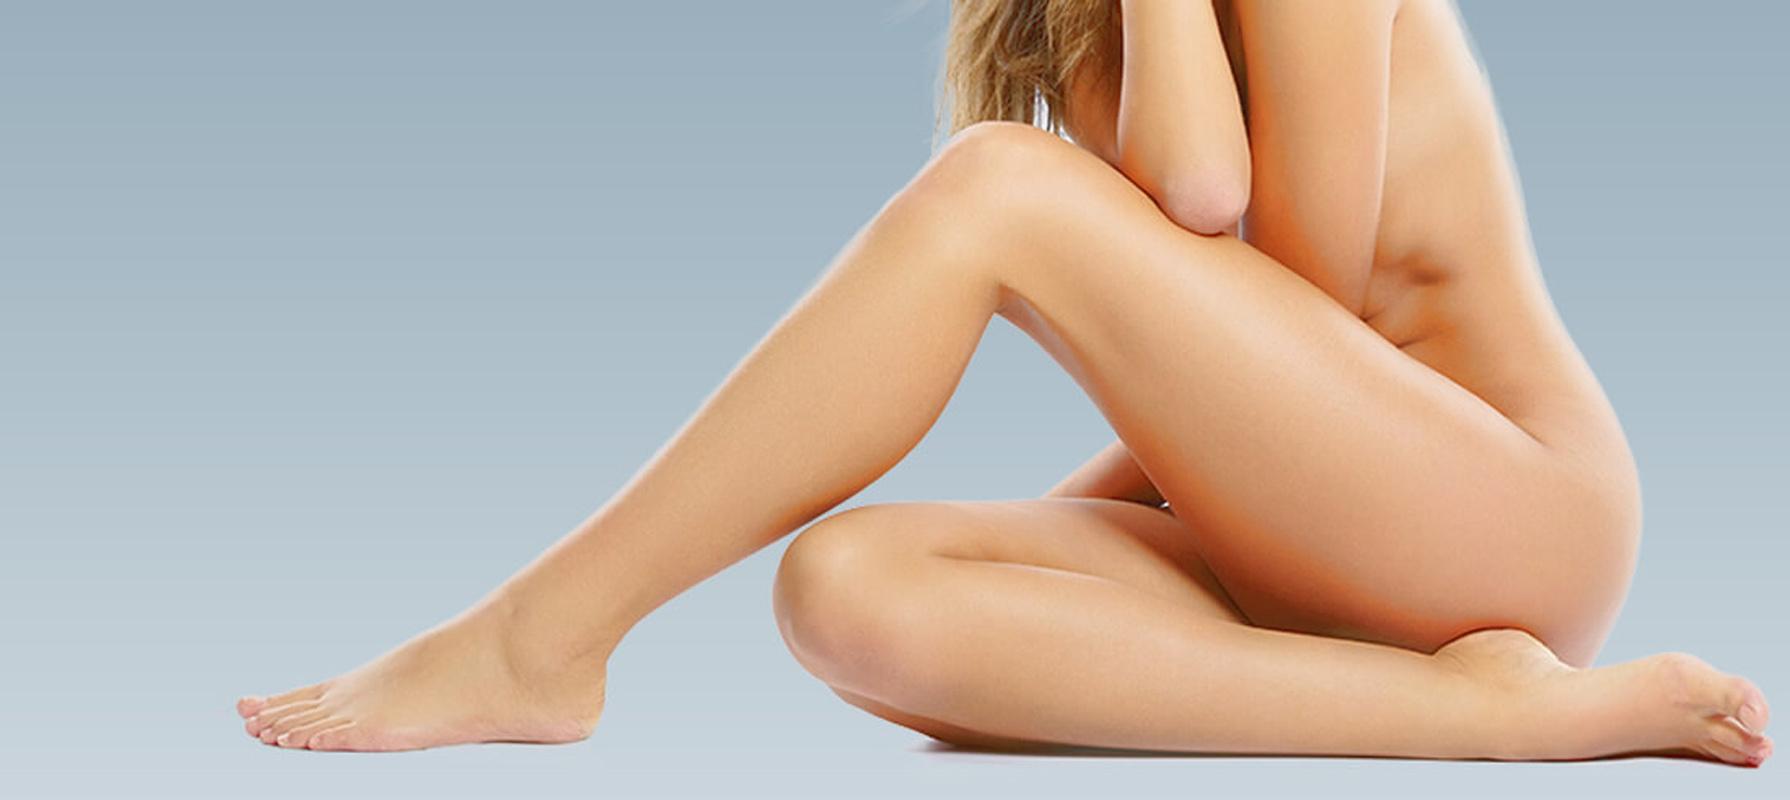 Liposuzione caviglie Senago, il Dottor Raoul Novelli, annoverato tra i migliori chirurghi plastici